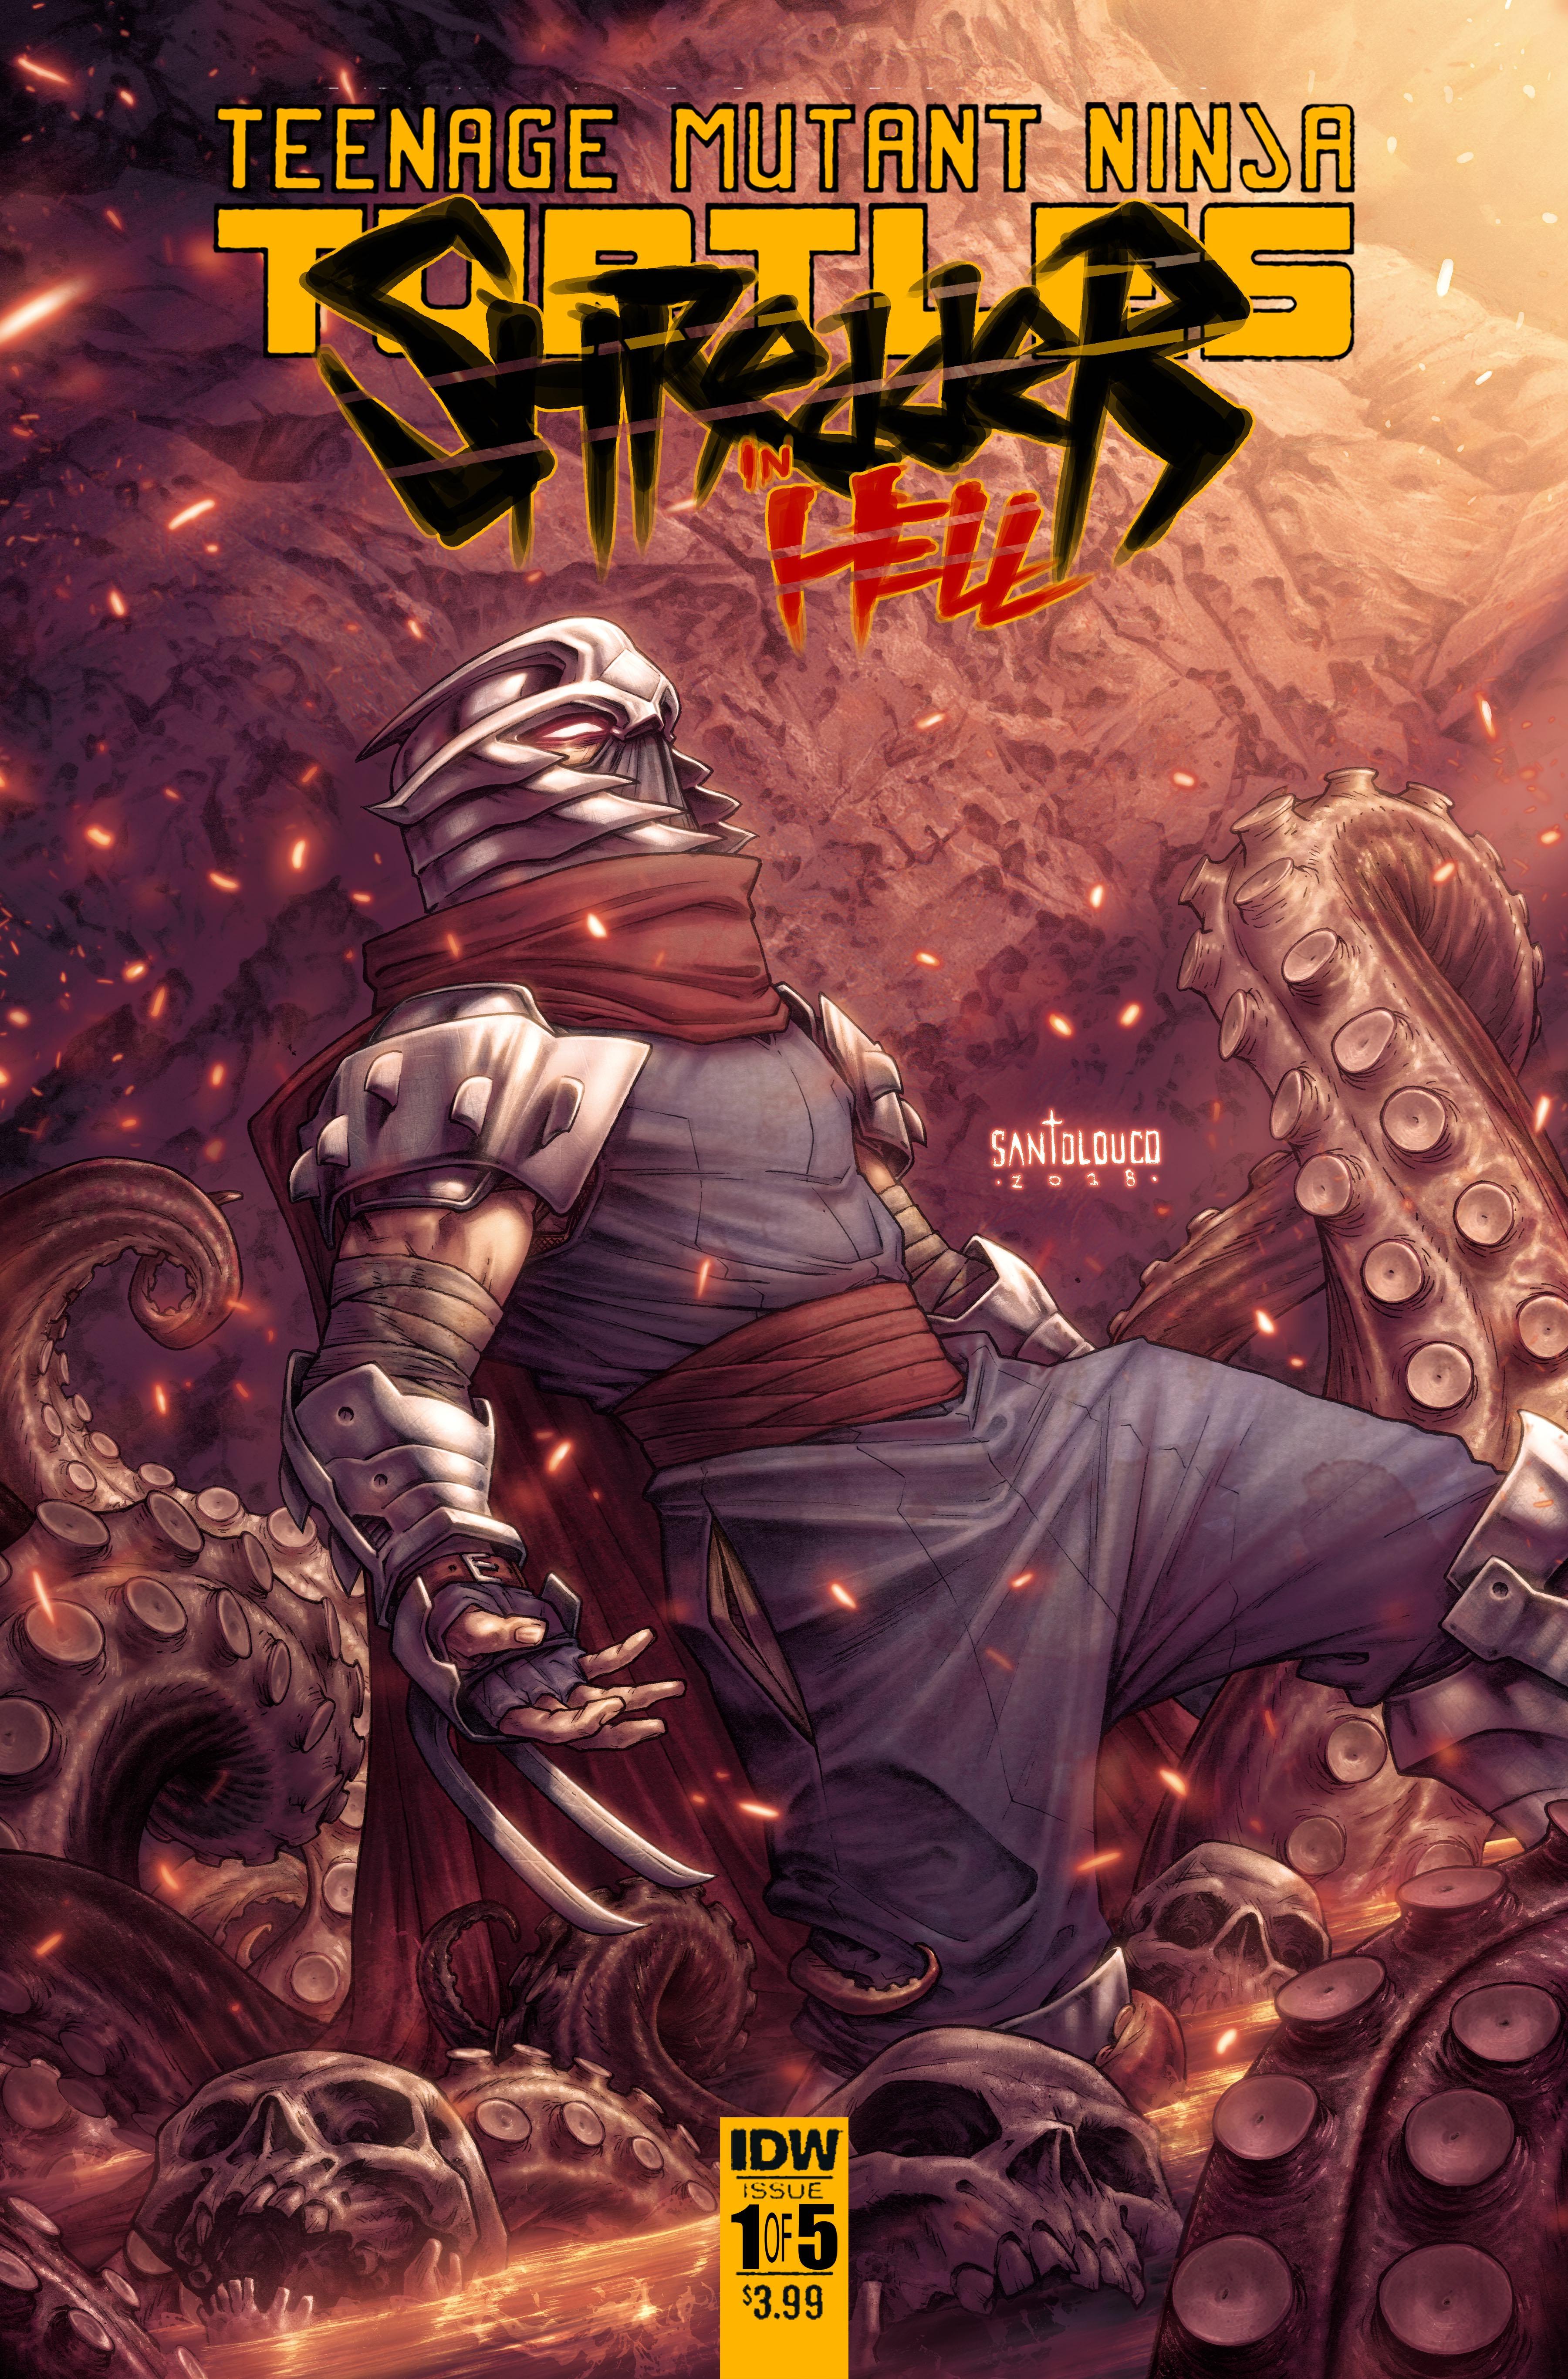 Shredder Hell #1, IDW Publishing